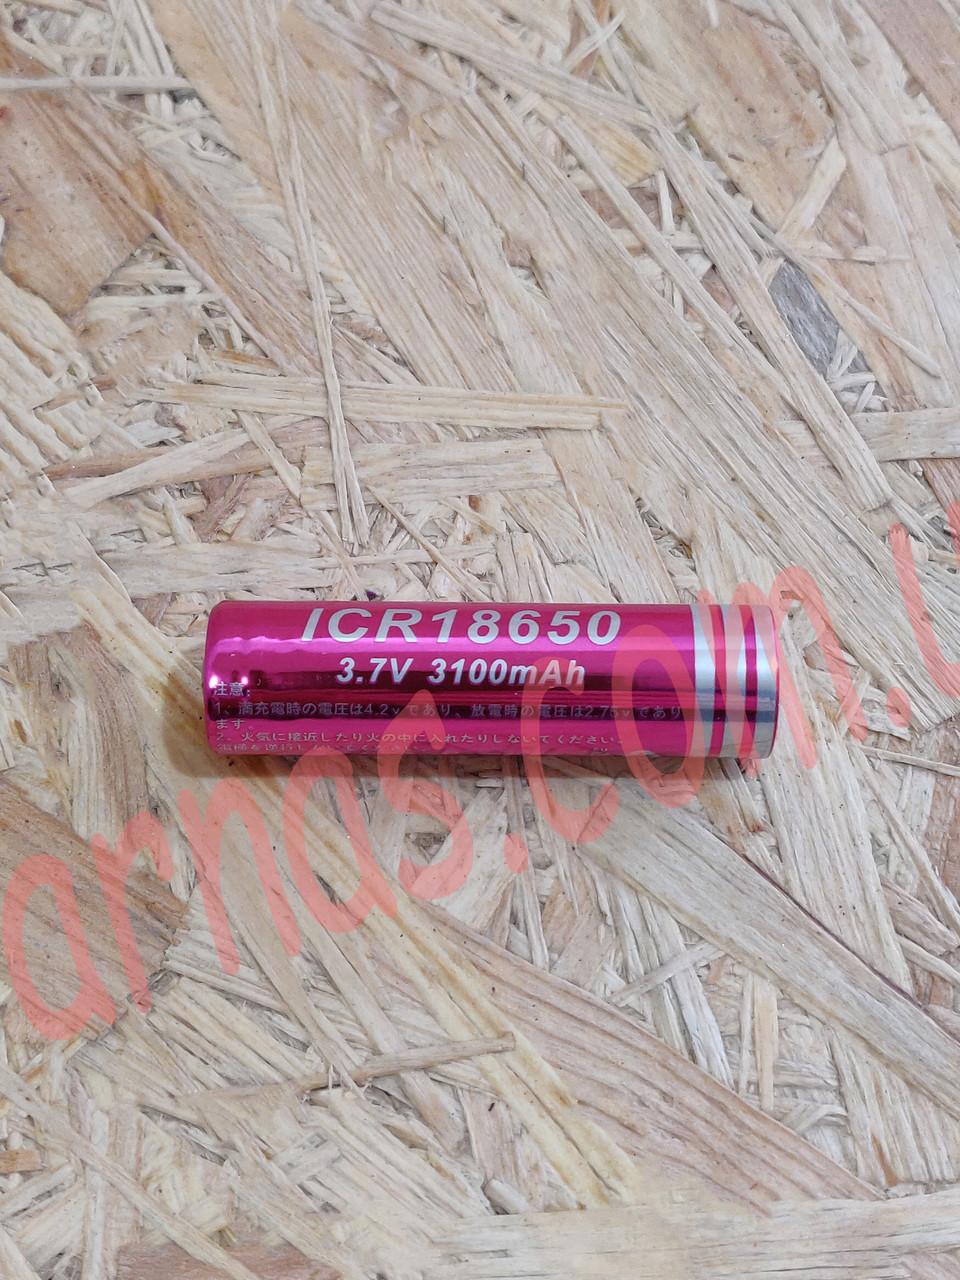 Акумулятор Li-ion ICR-18650 3.7v 3100mAh